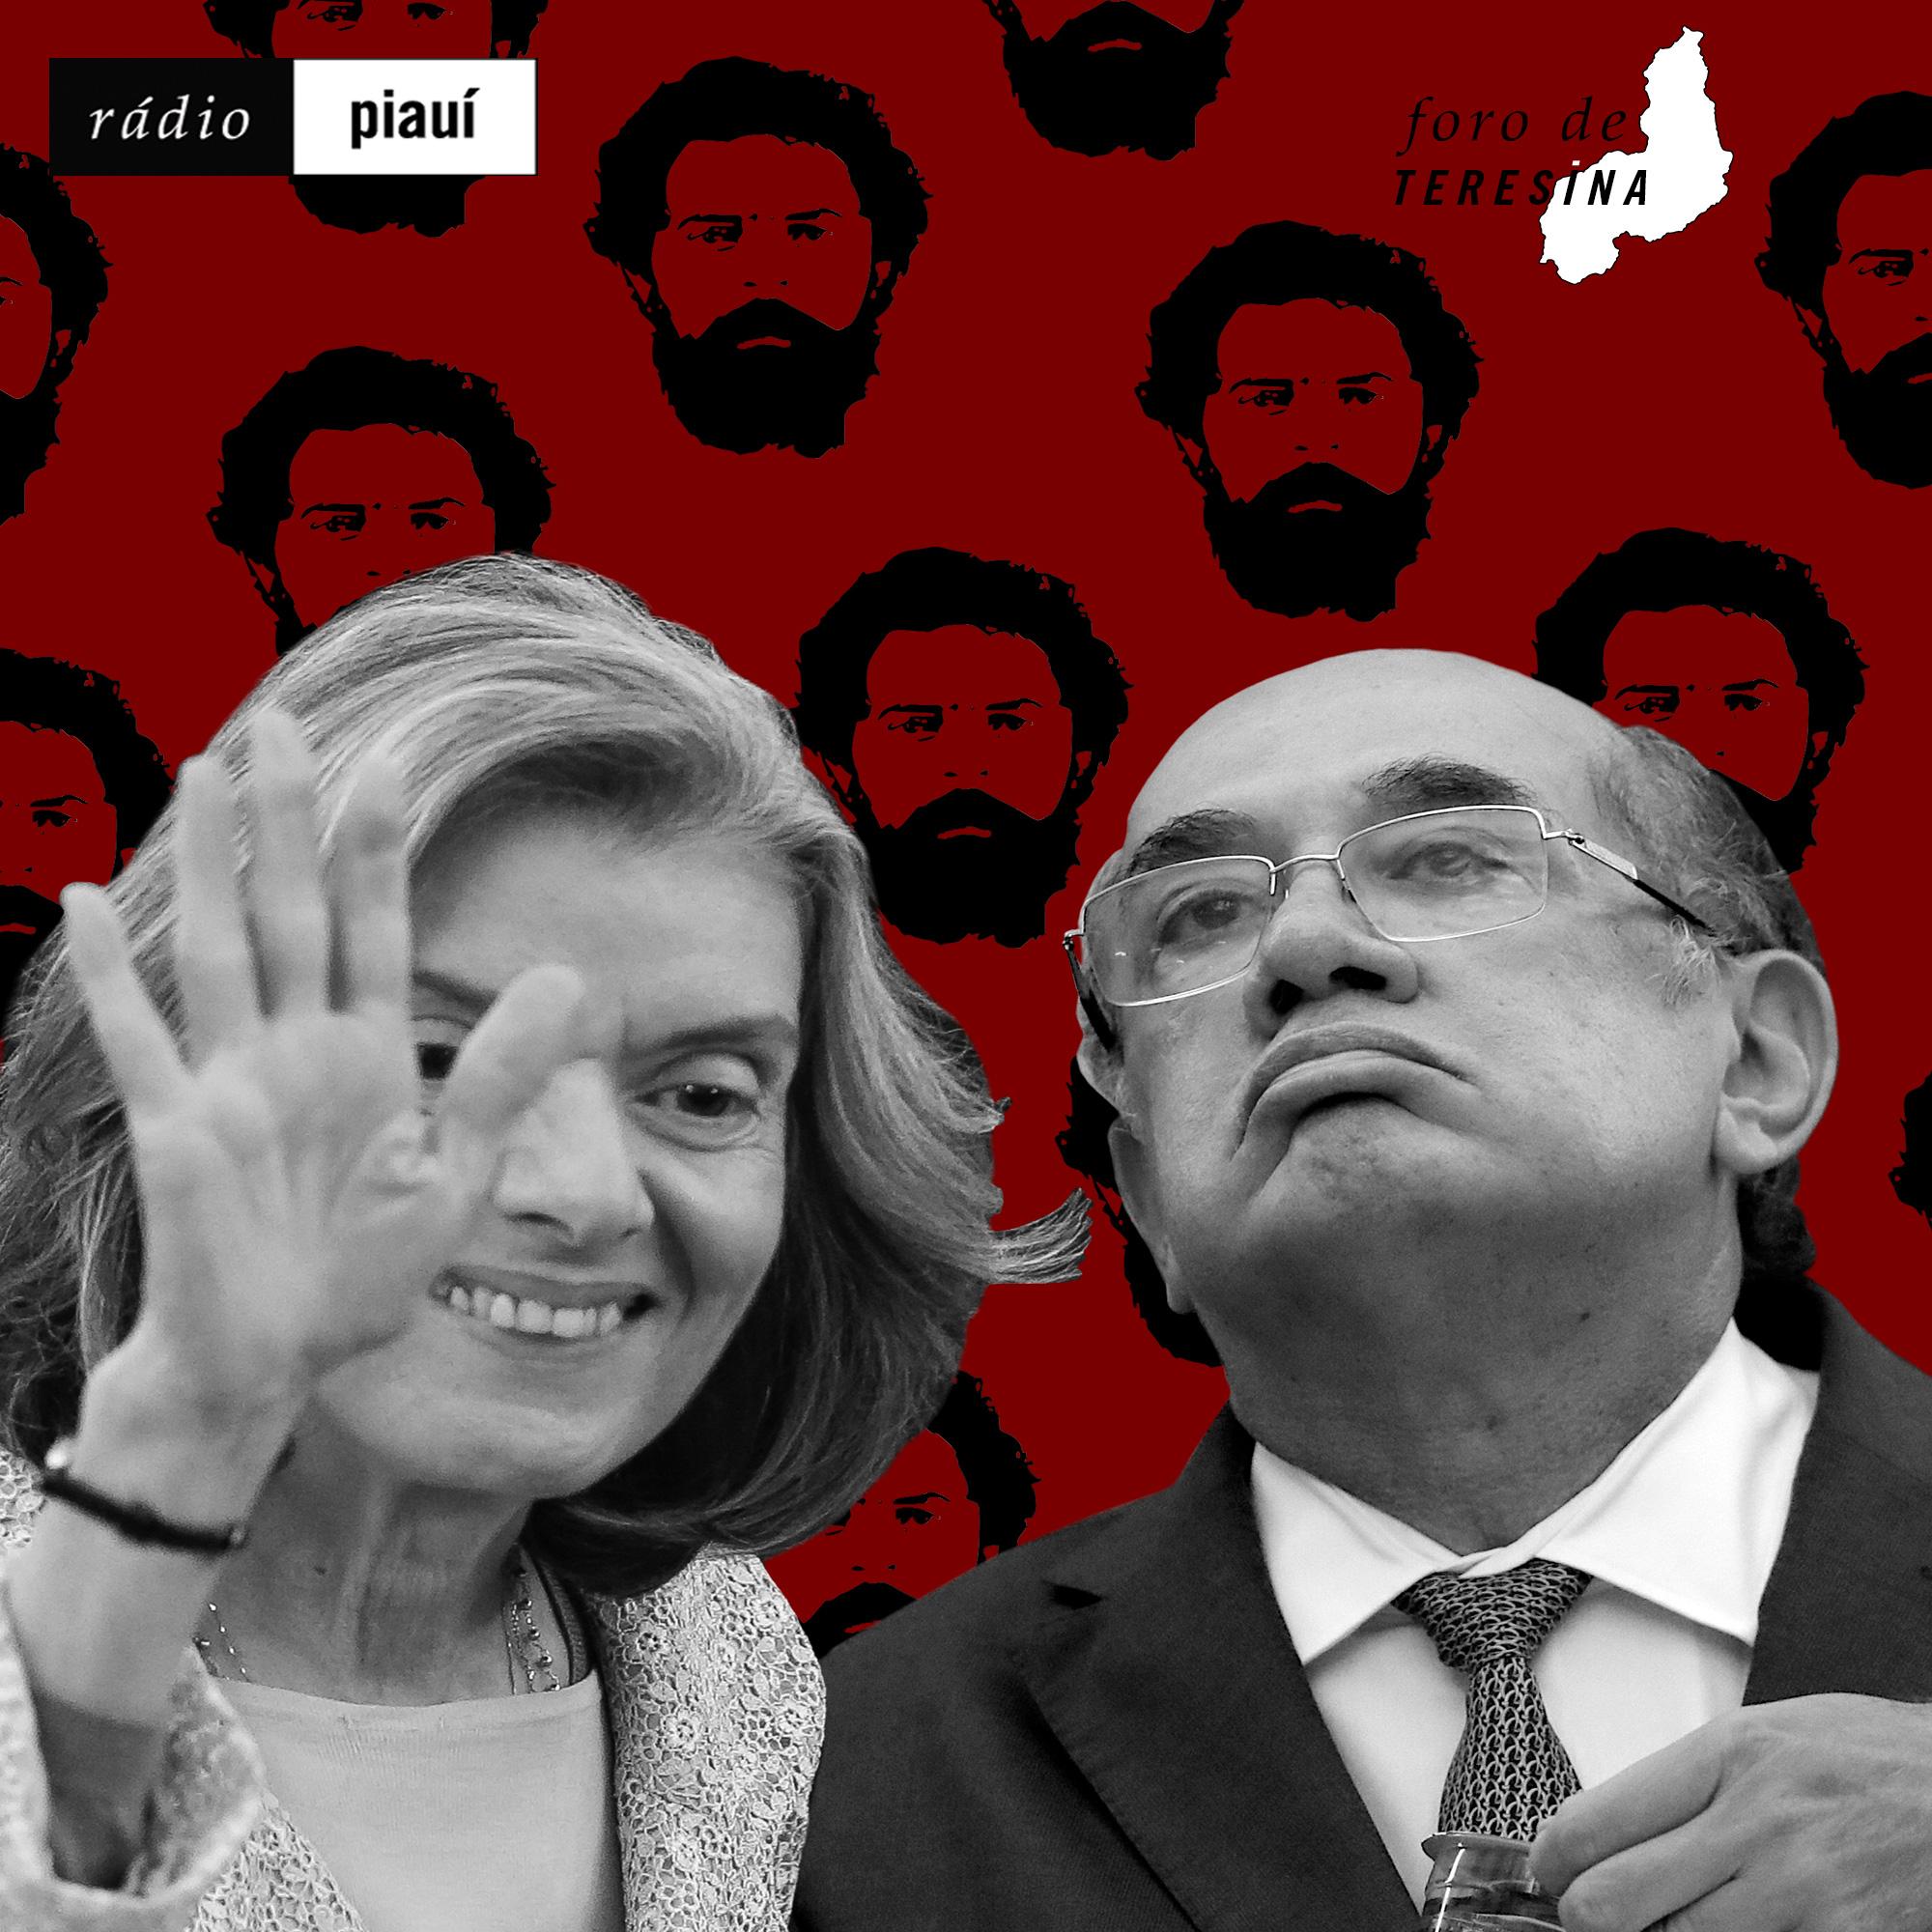 #57: Lula fica preso, Bolsonaro sai em campanha e Congresso vai para a ofensiva